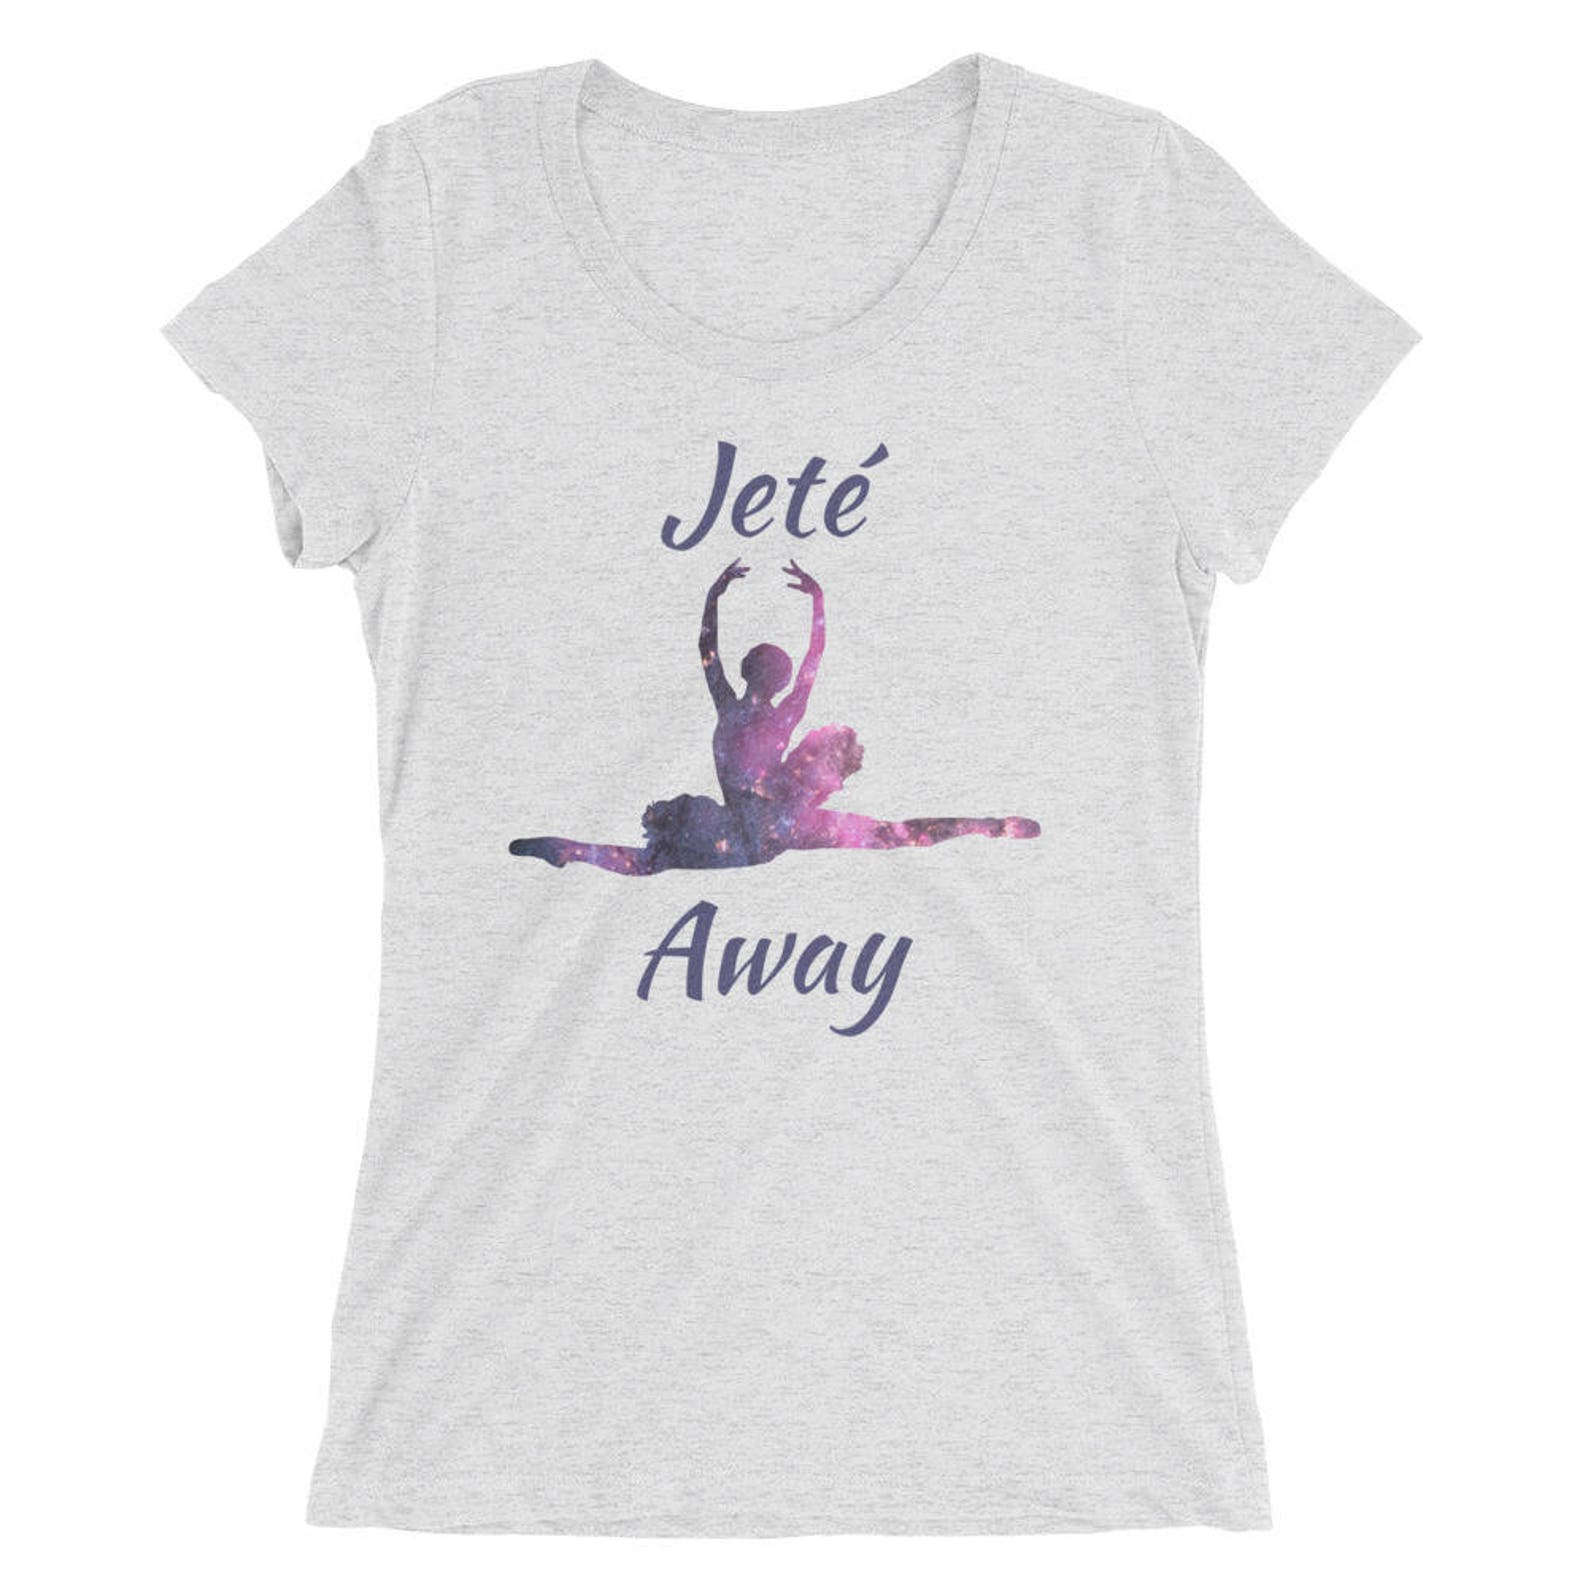 ballet shirt for women- short sleeve t-shirt - jete away - ballet dancer shirt - women's t-shirt